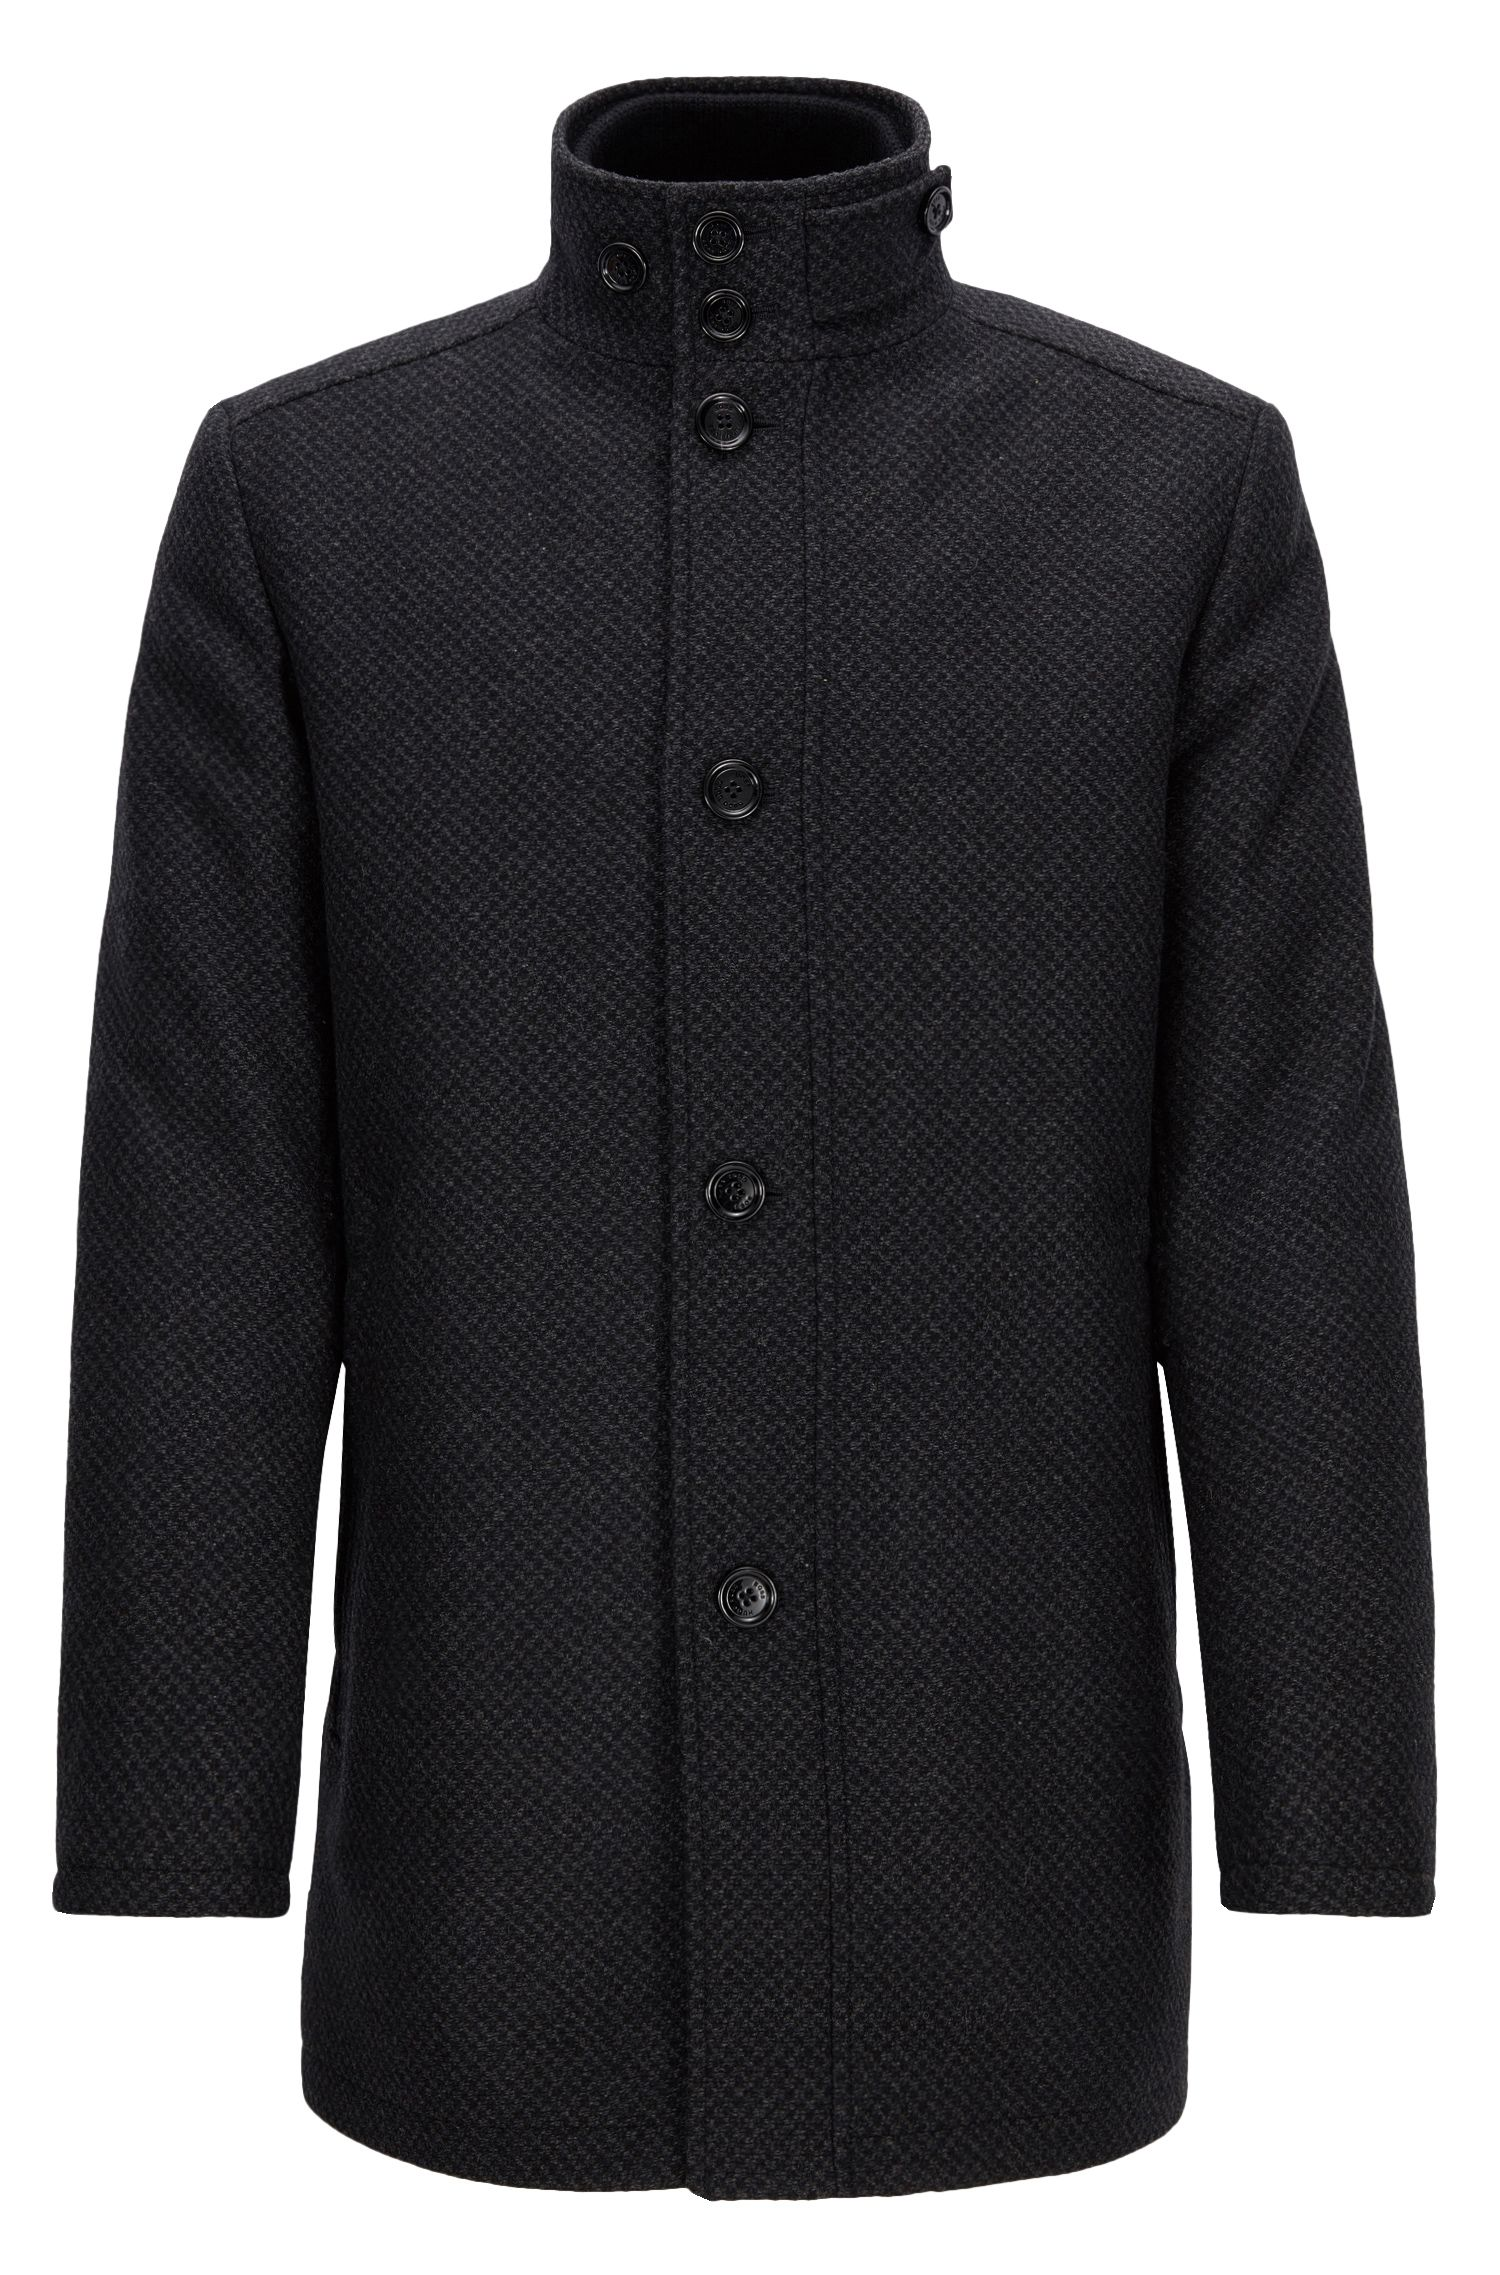 Wave-blocker coat in a wool blend